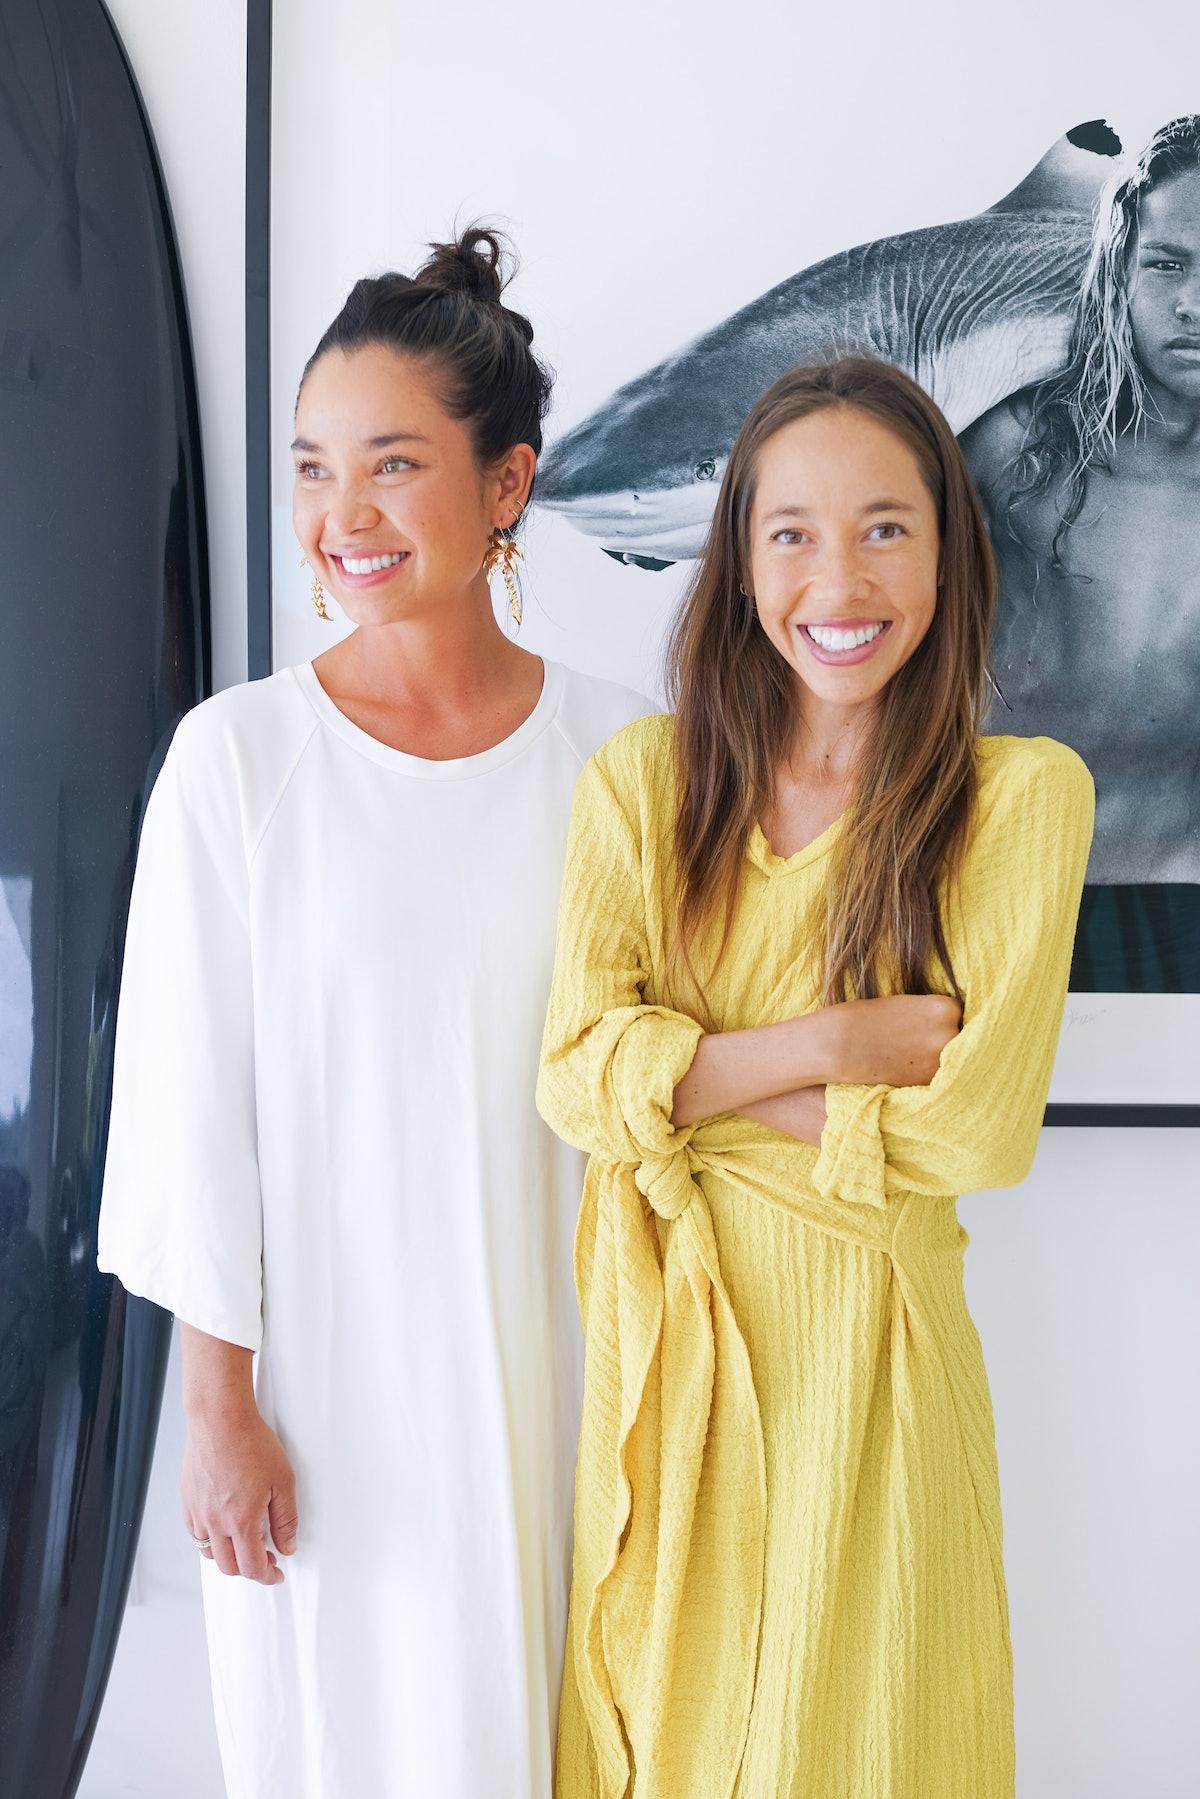 Oleema and Kalani Miller MIKOH female founders mental health